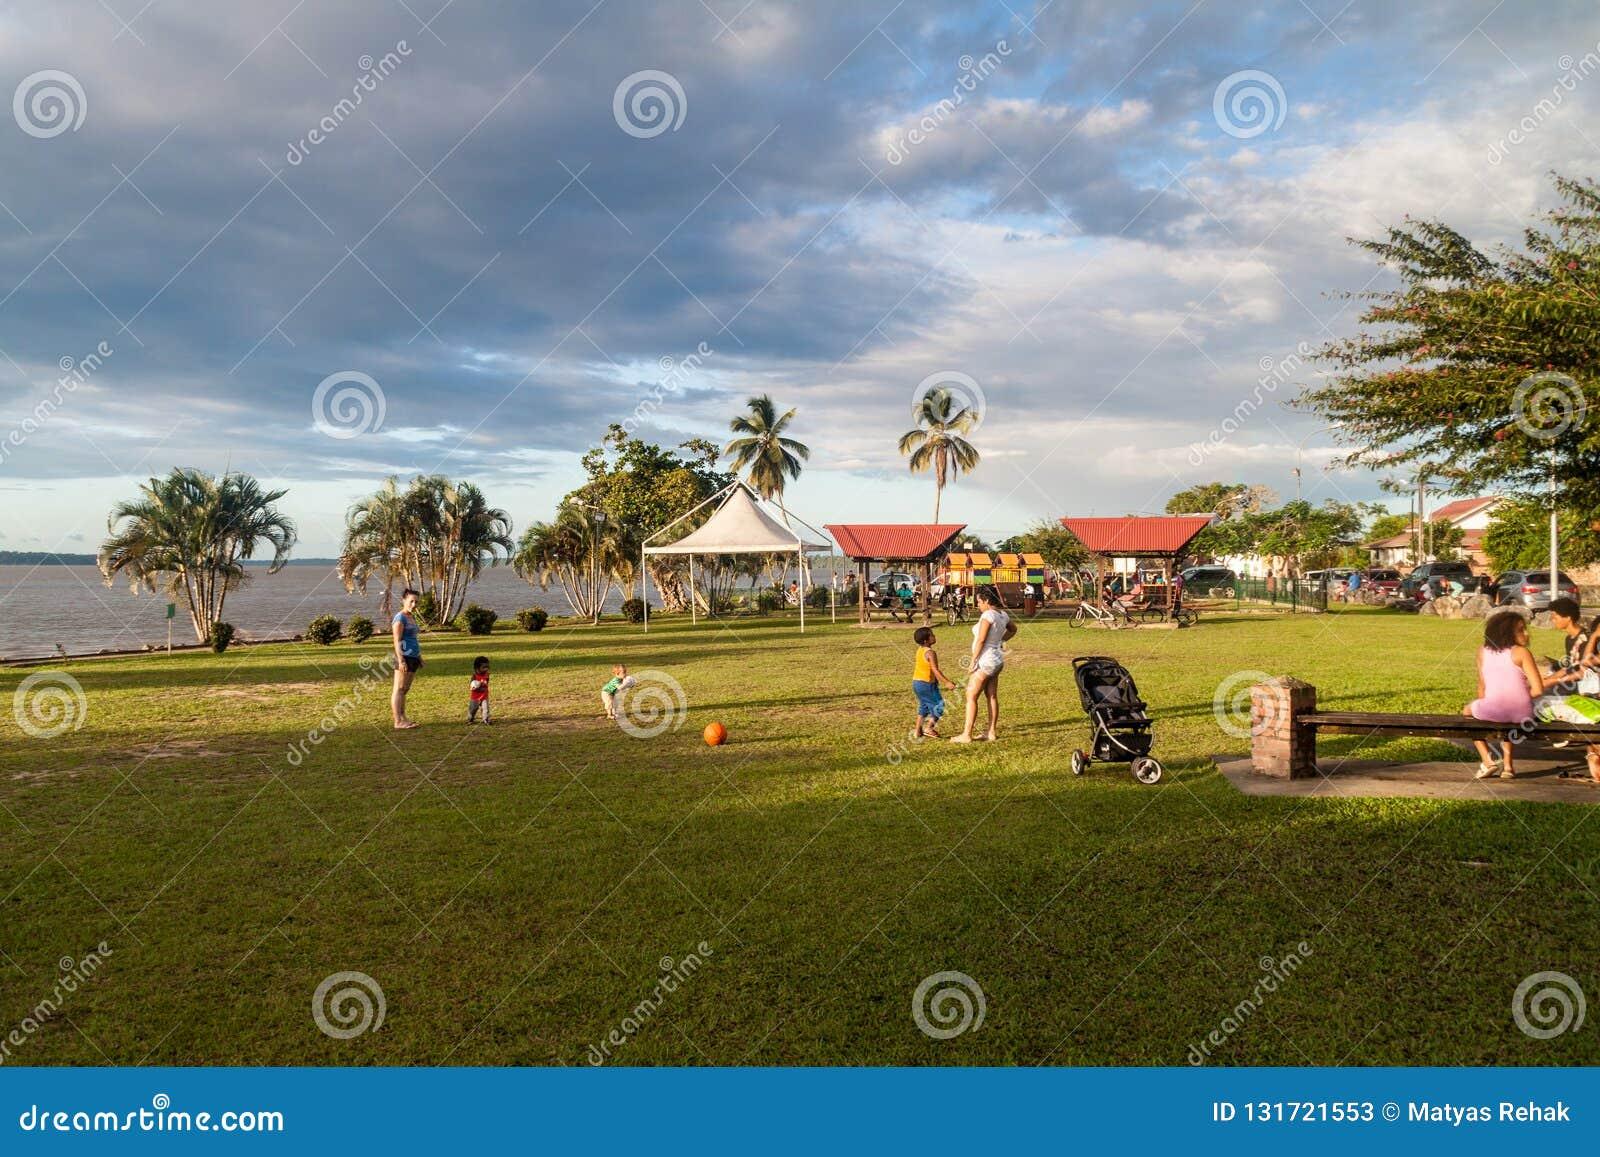 ST LAURENT DU MARONI, FRANZÖSISCH-GUAYANA - 4. AUGUST 2015: Leute auf einem Riverbankpark in St Laurent du Maroni, französisches